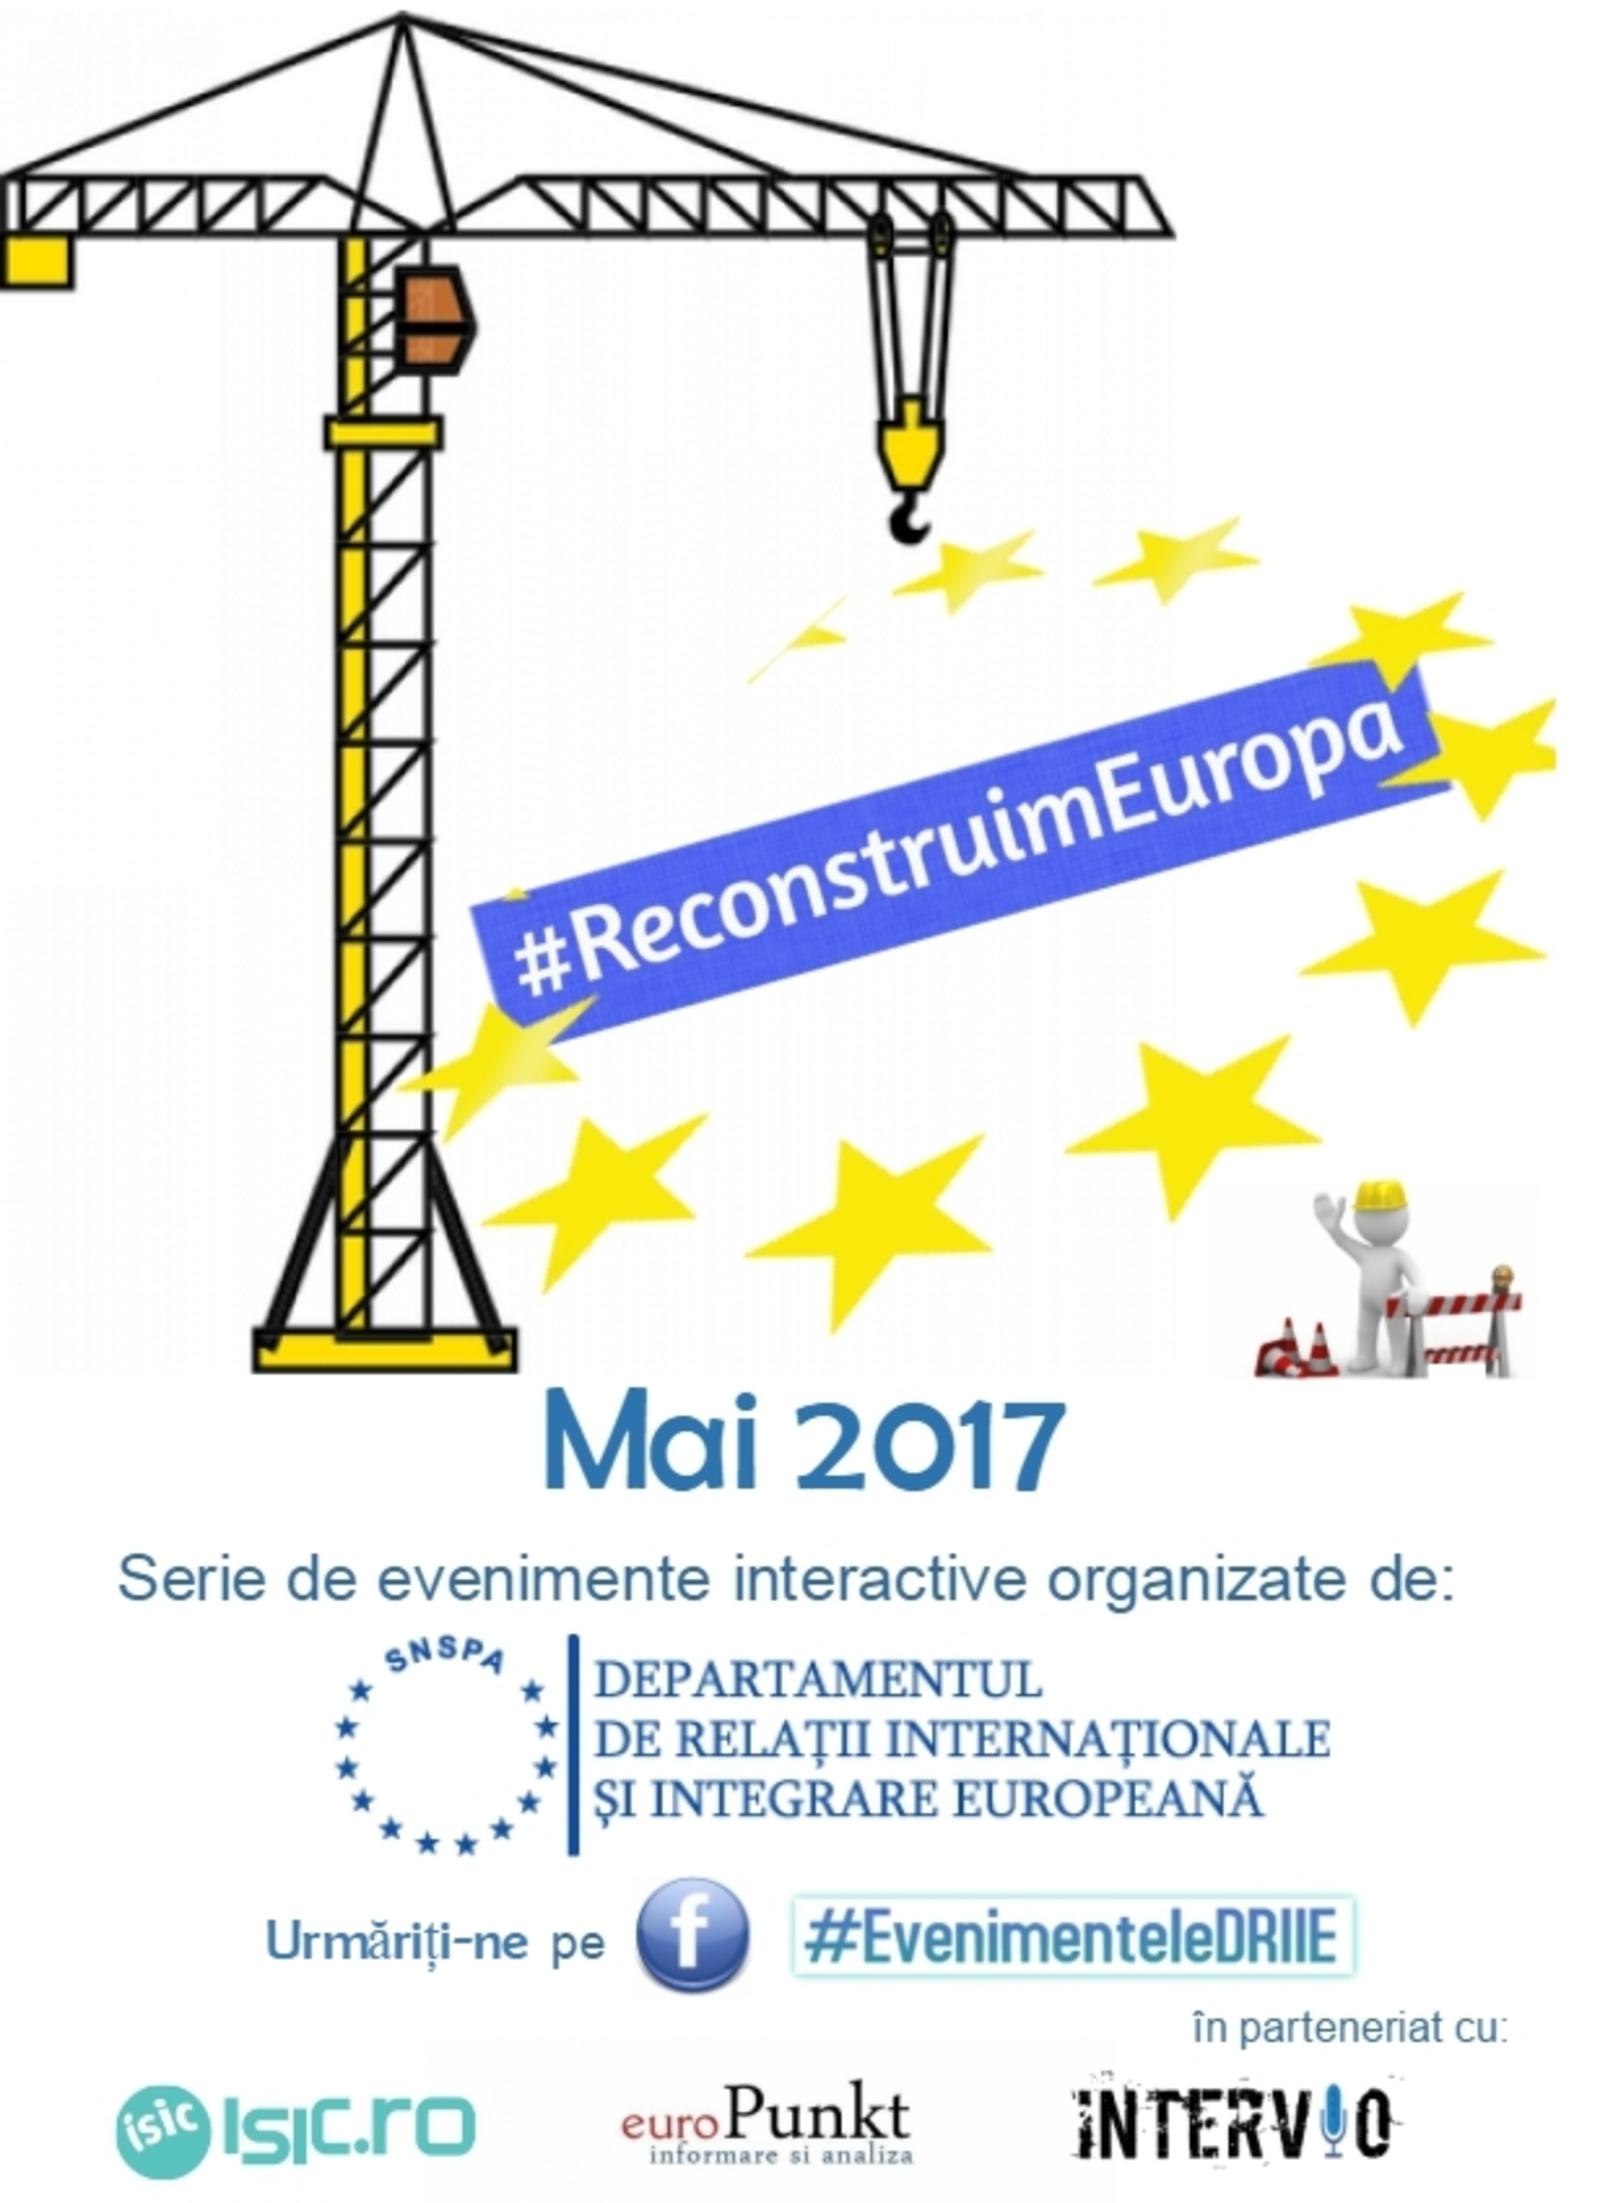 reconstruimeuropa_poster